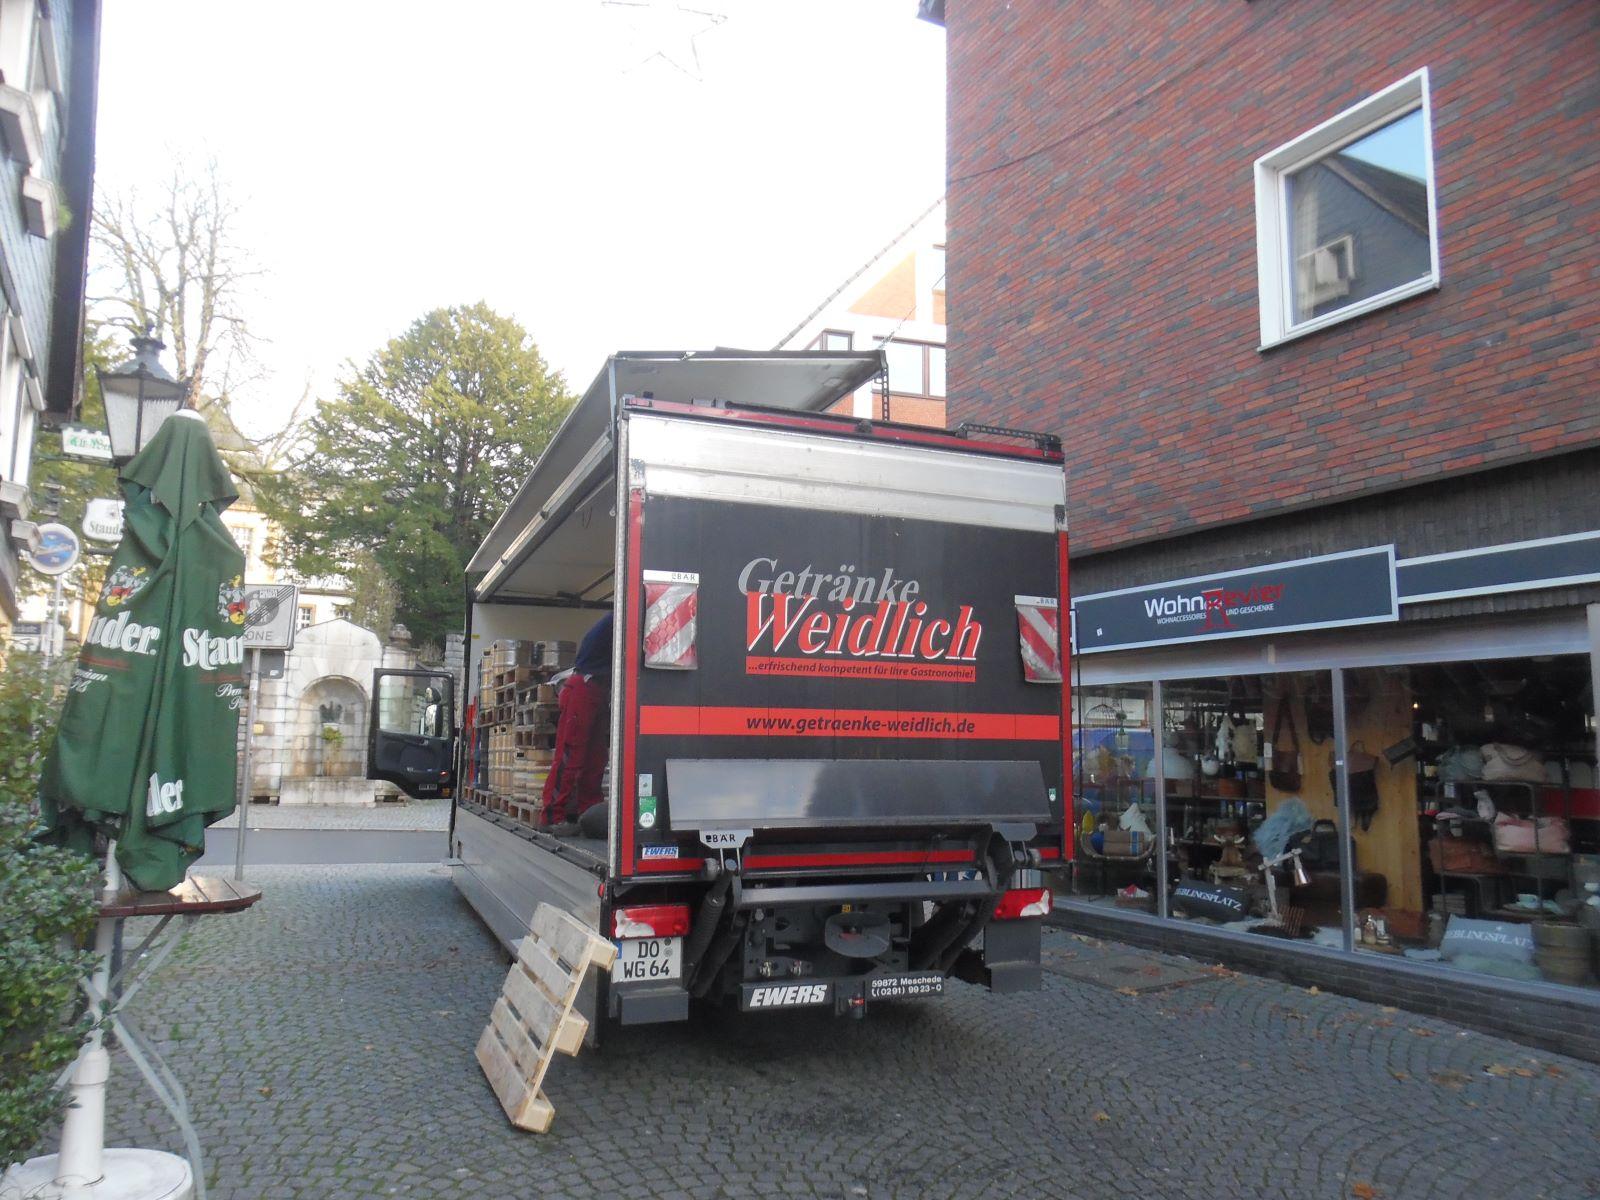 Baumaschinenbilder.de - Forum | LKW und ihre Aufbauten ...